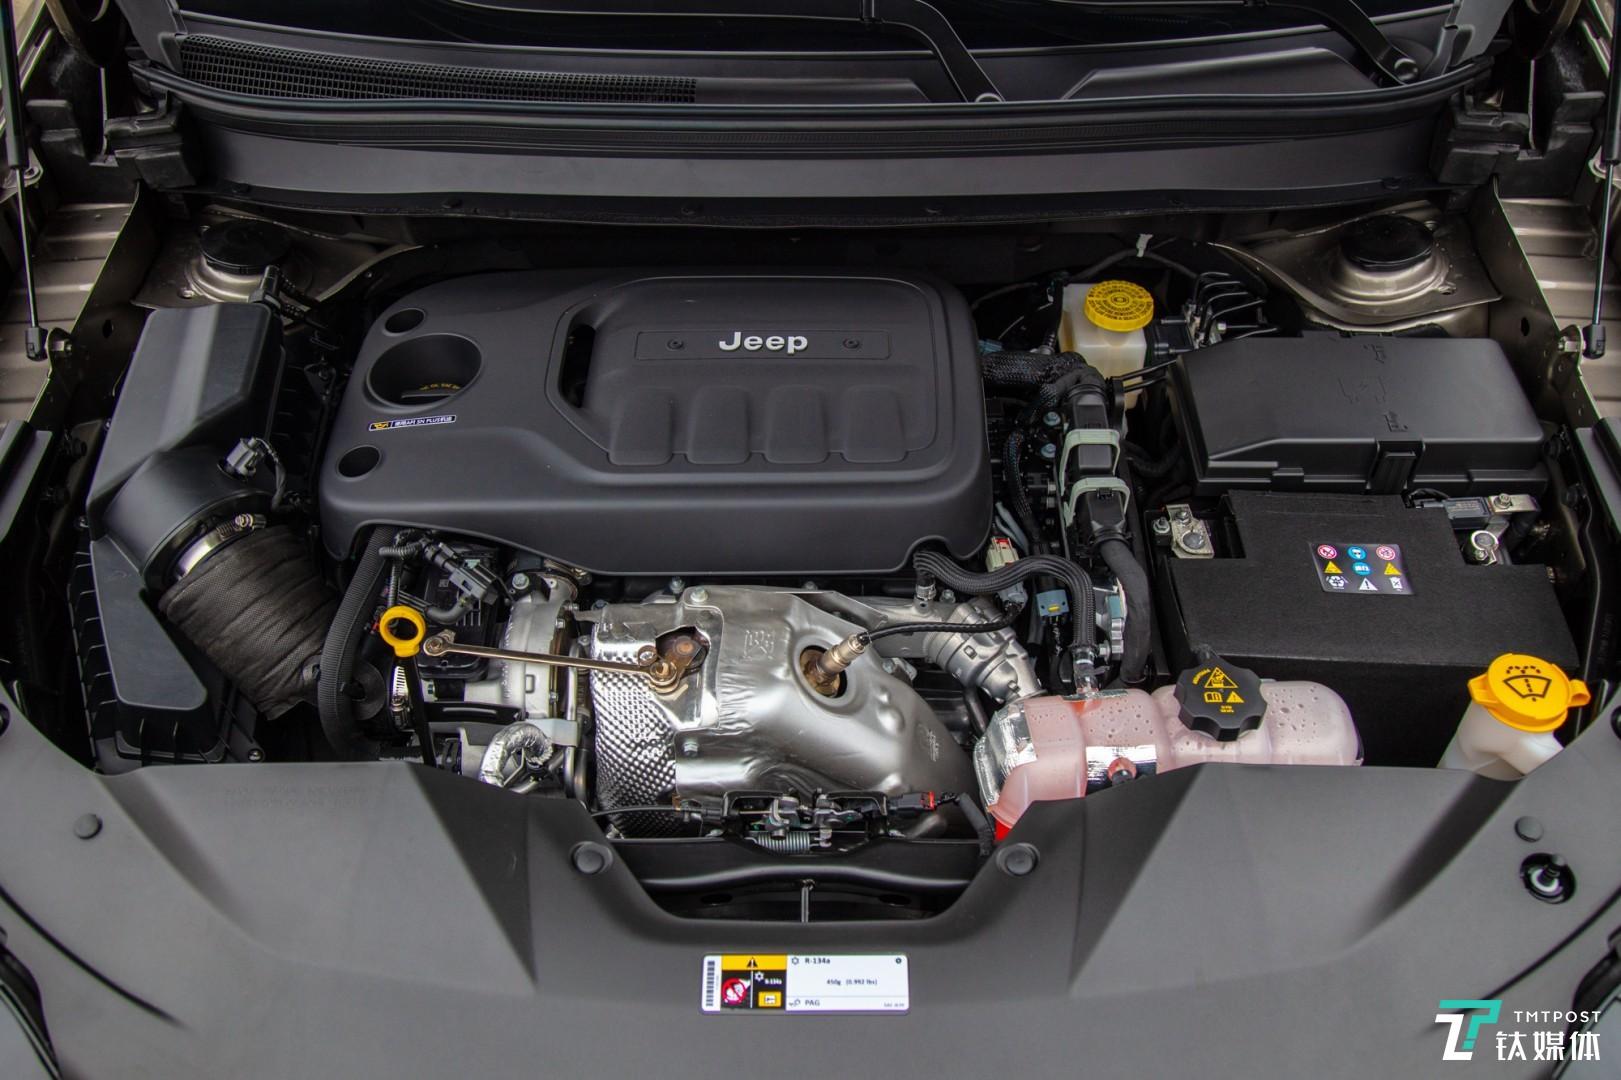 GME-T4 2.0T 发动机